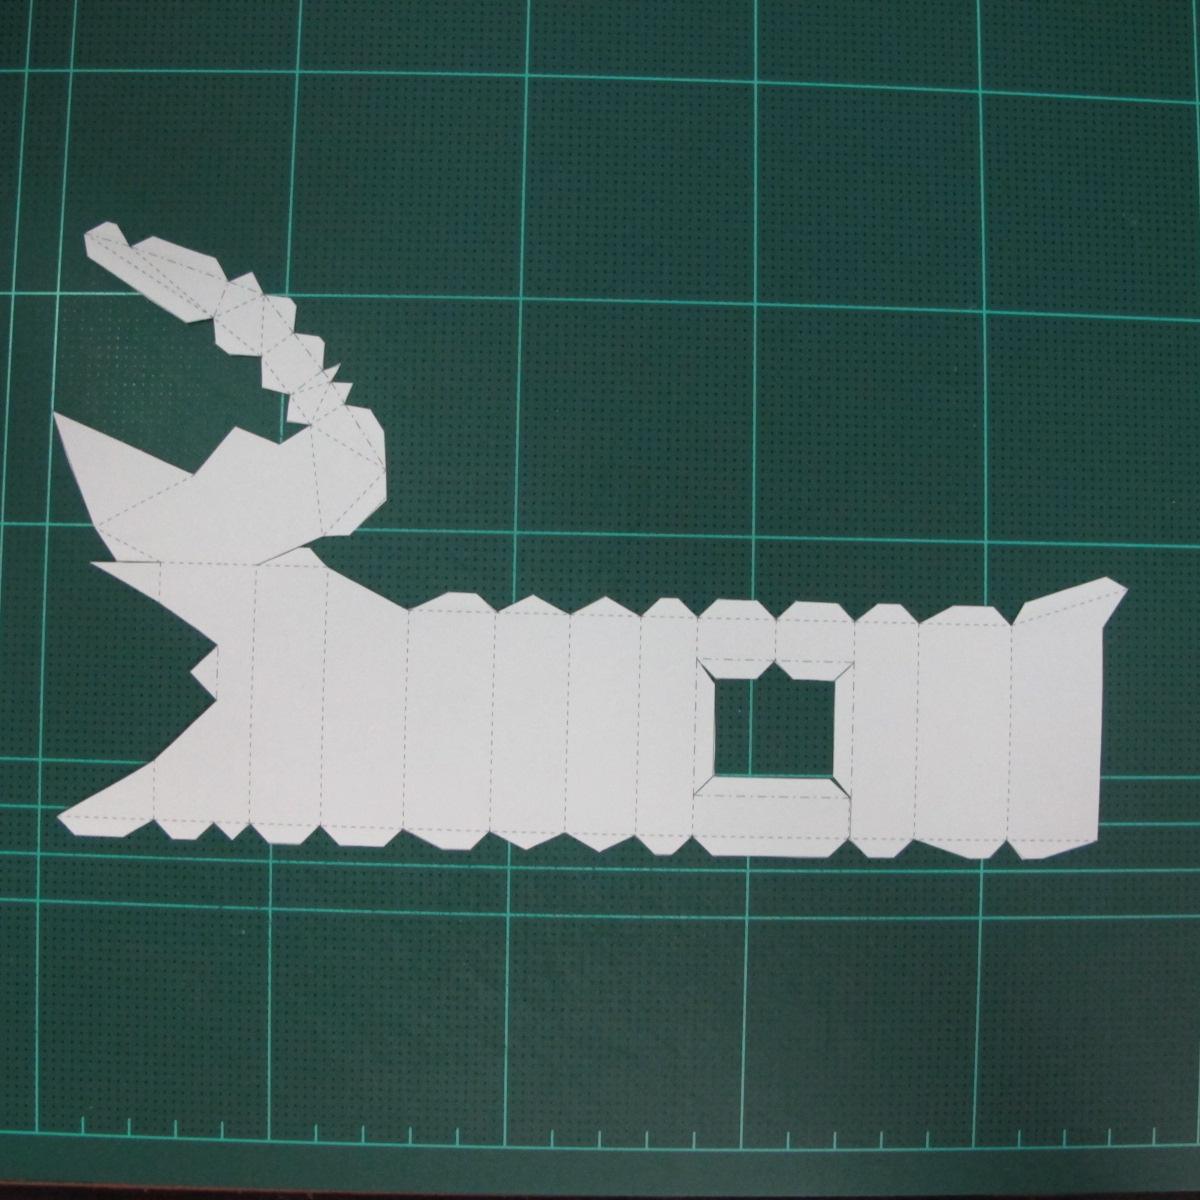 วิธีทำโมเดลกระดาษตุ้กตา คุกกี้สาวผู้ร่าเริง จากเกมส์คุกกี้รัน (LINE Cookie Run – Bright Cookie Papercraft Model) 005